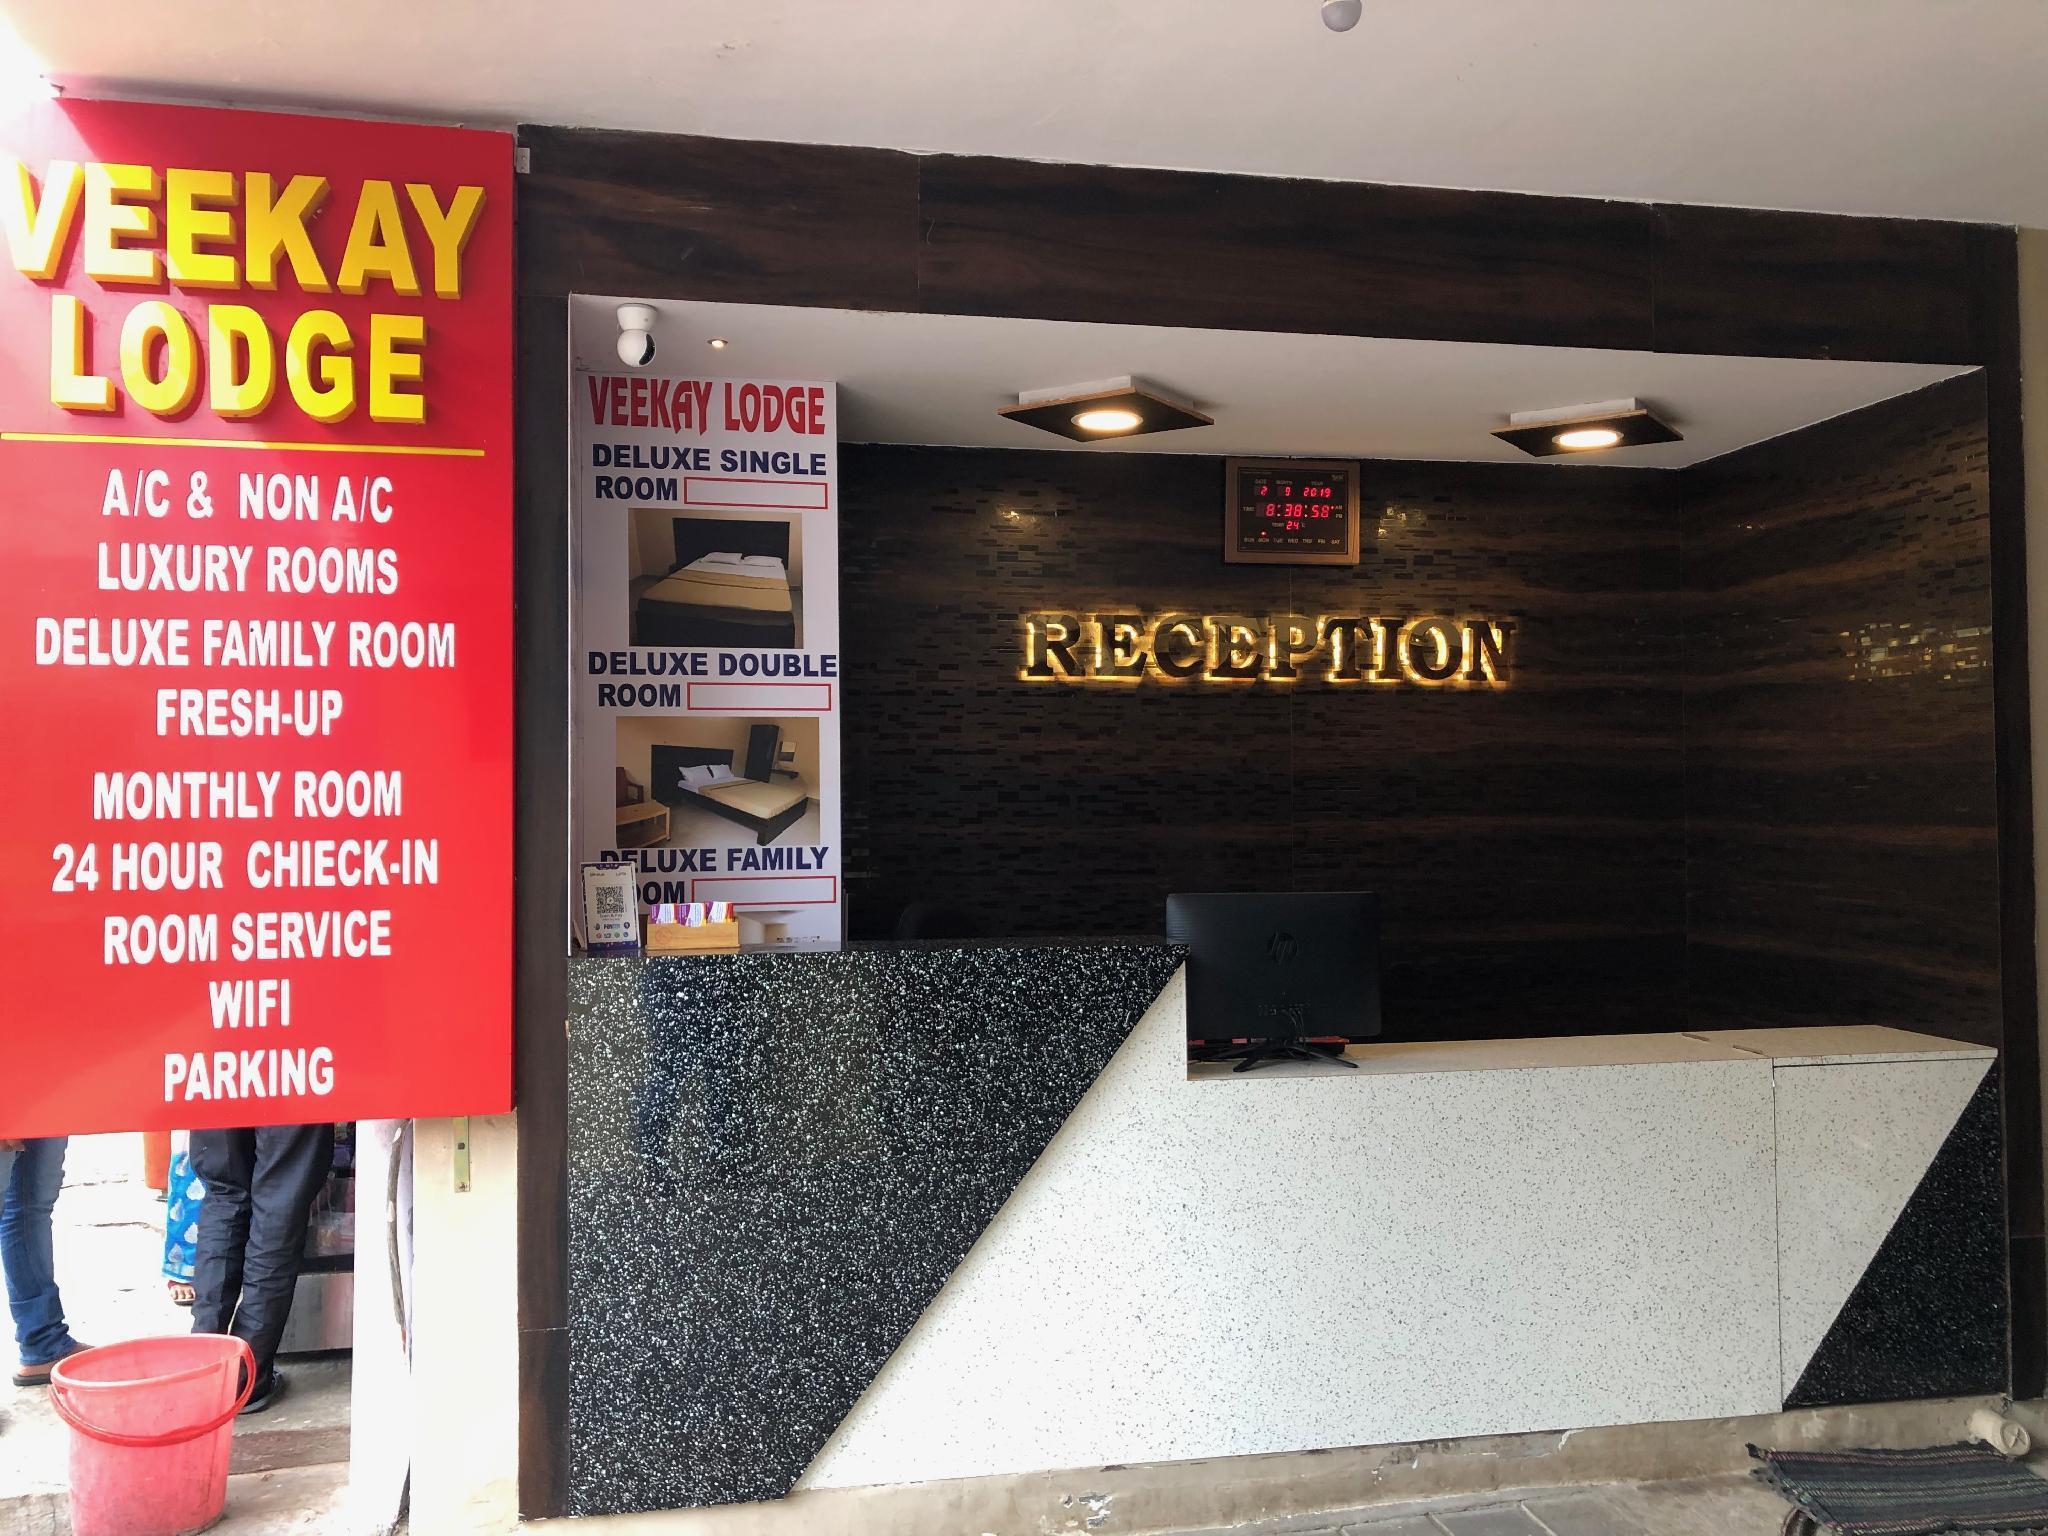 Veekay Lodge